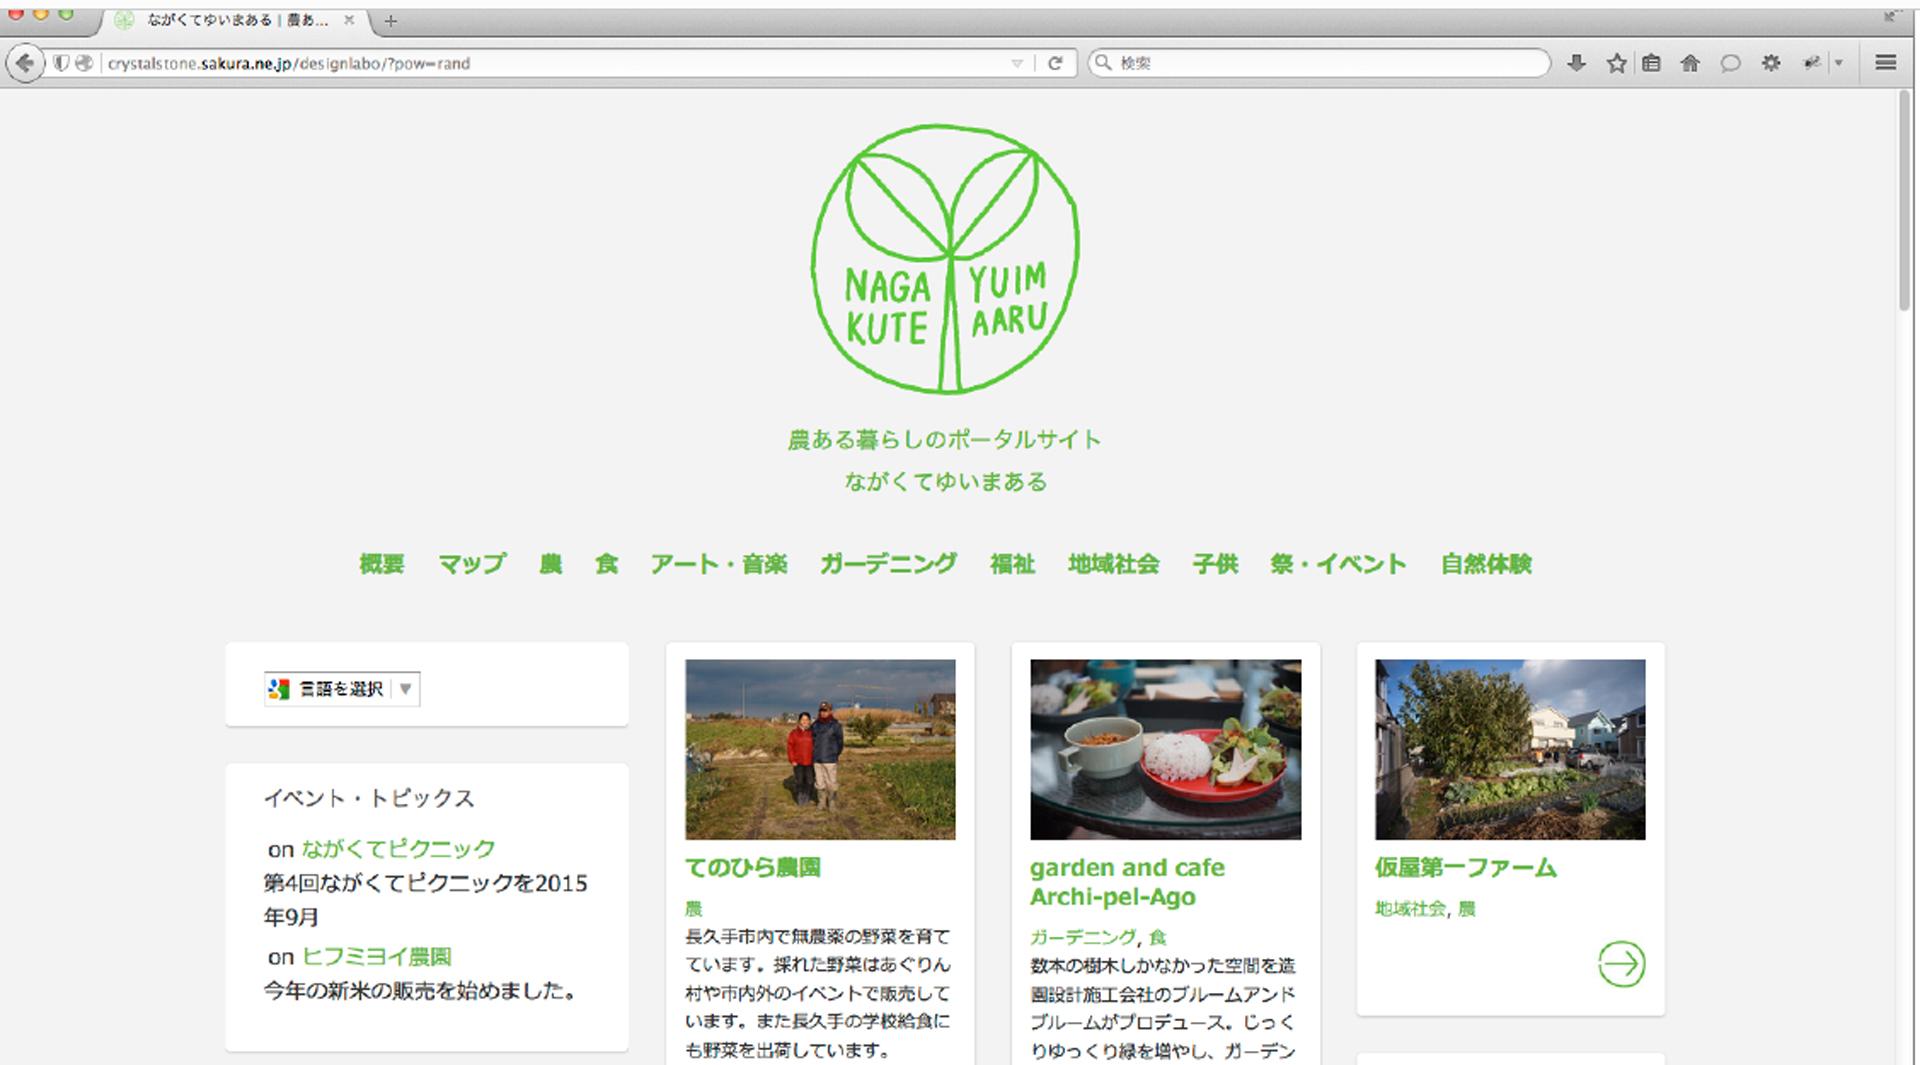 ©ISEA2016: 22nd International Symposium on Electronic Art, Haruo Ishii, Nagakute Yuimaaru Website